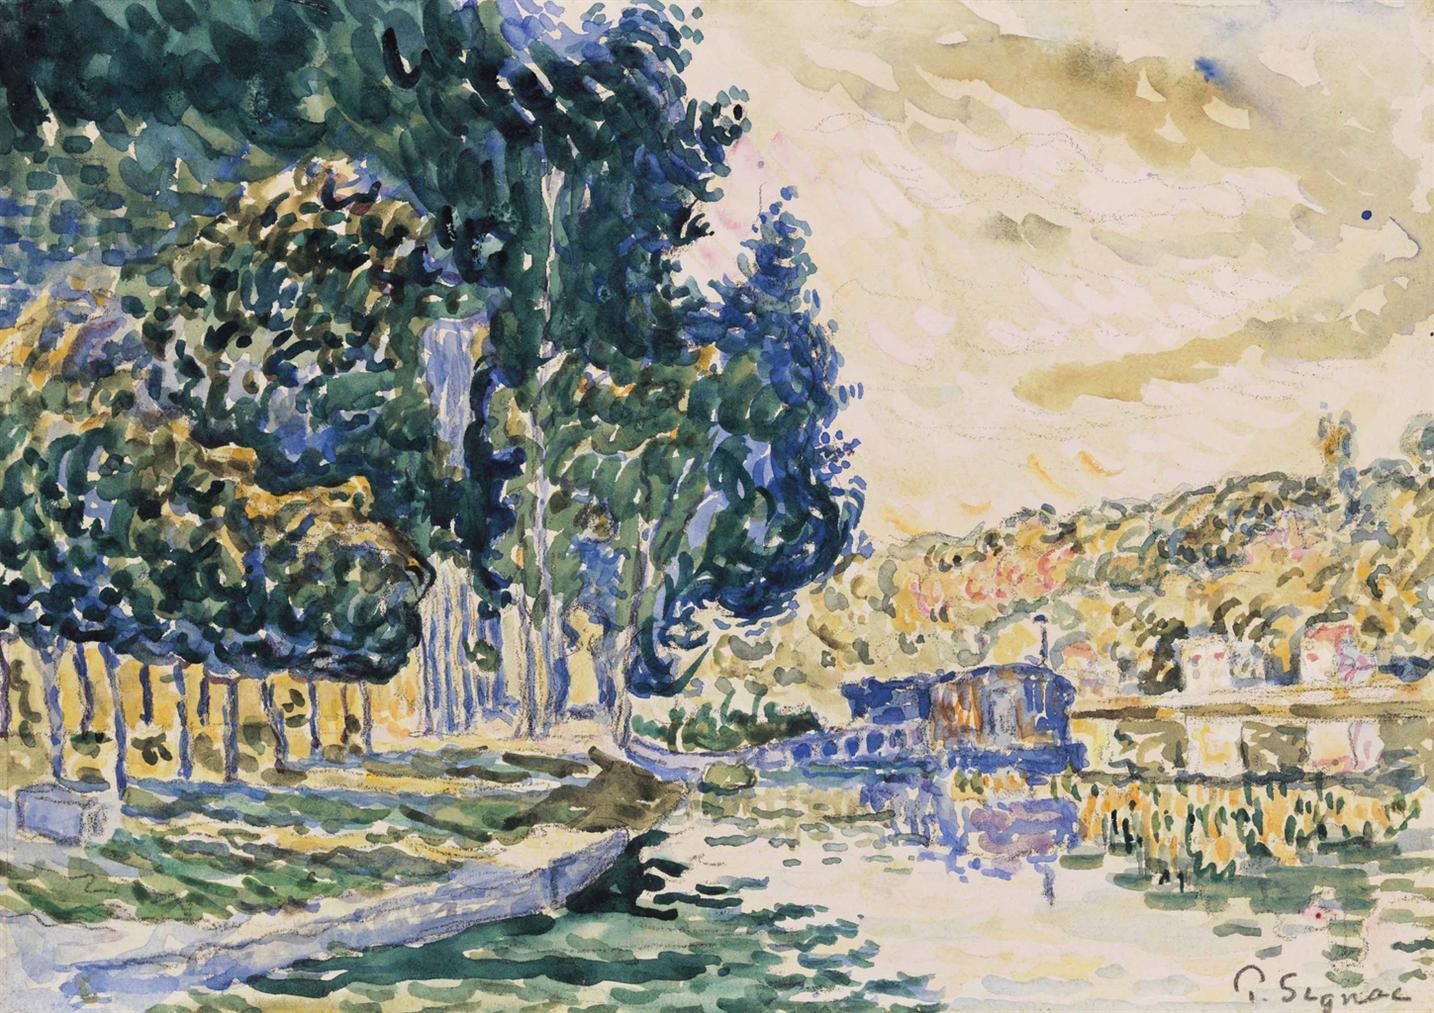 Paul Signac-Samois-1900